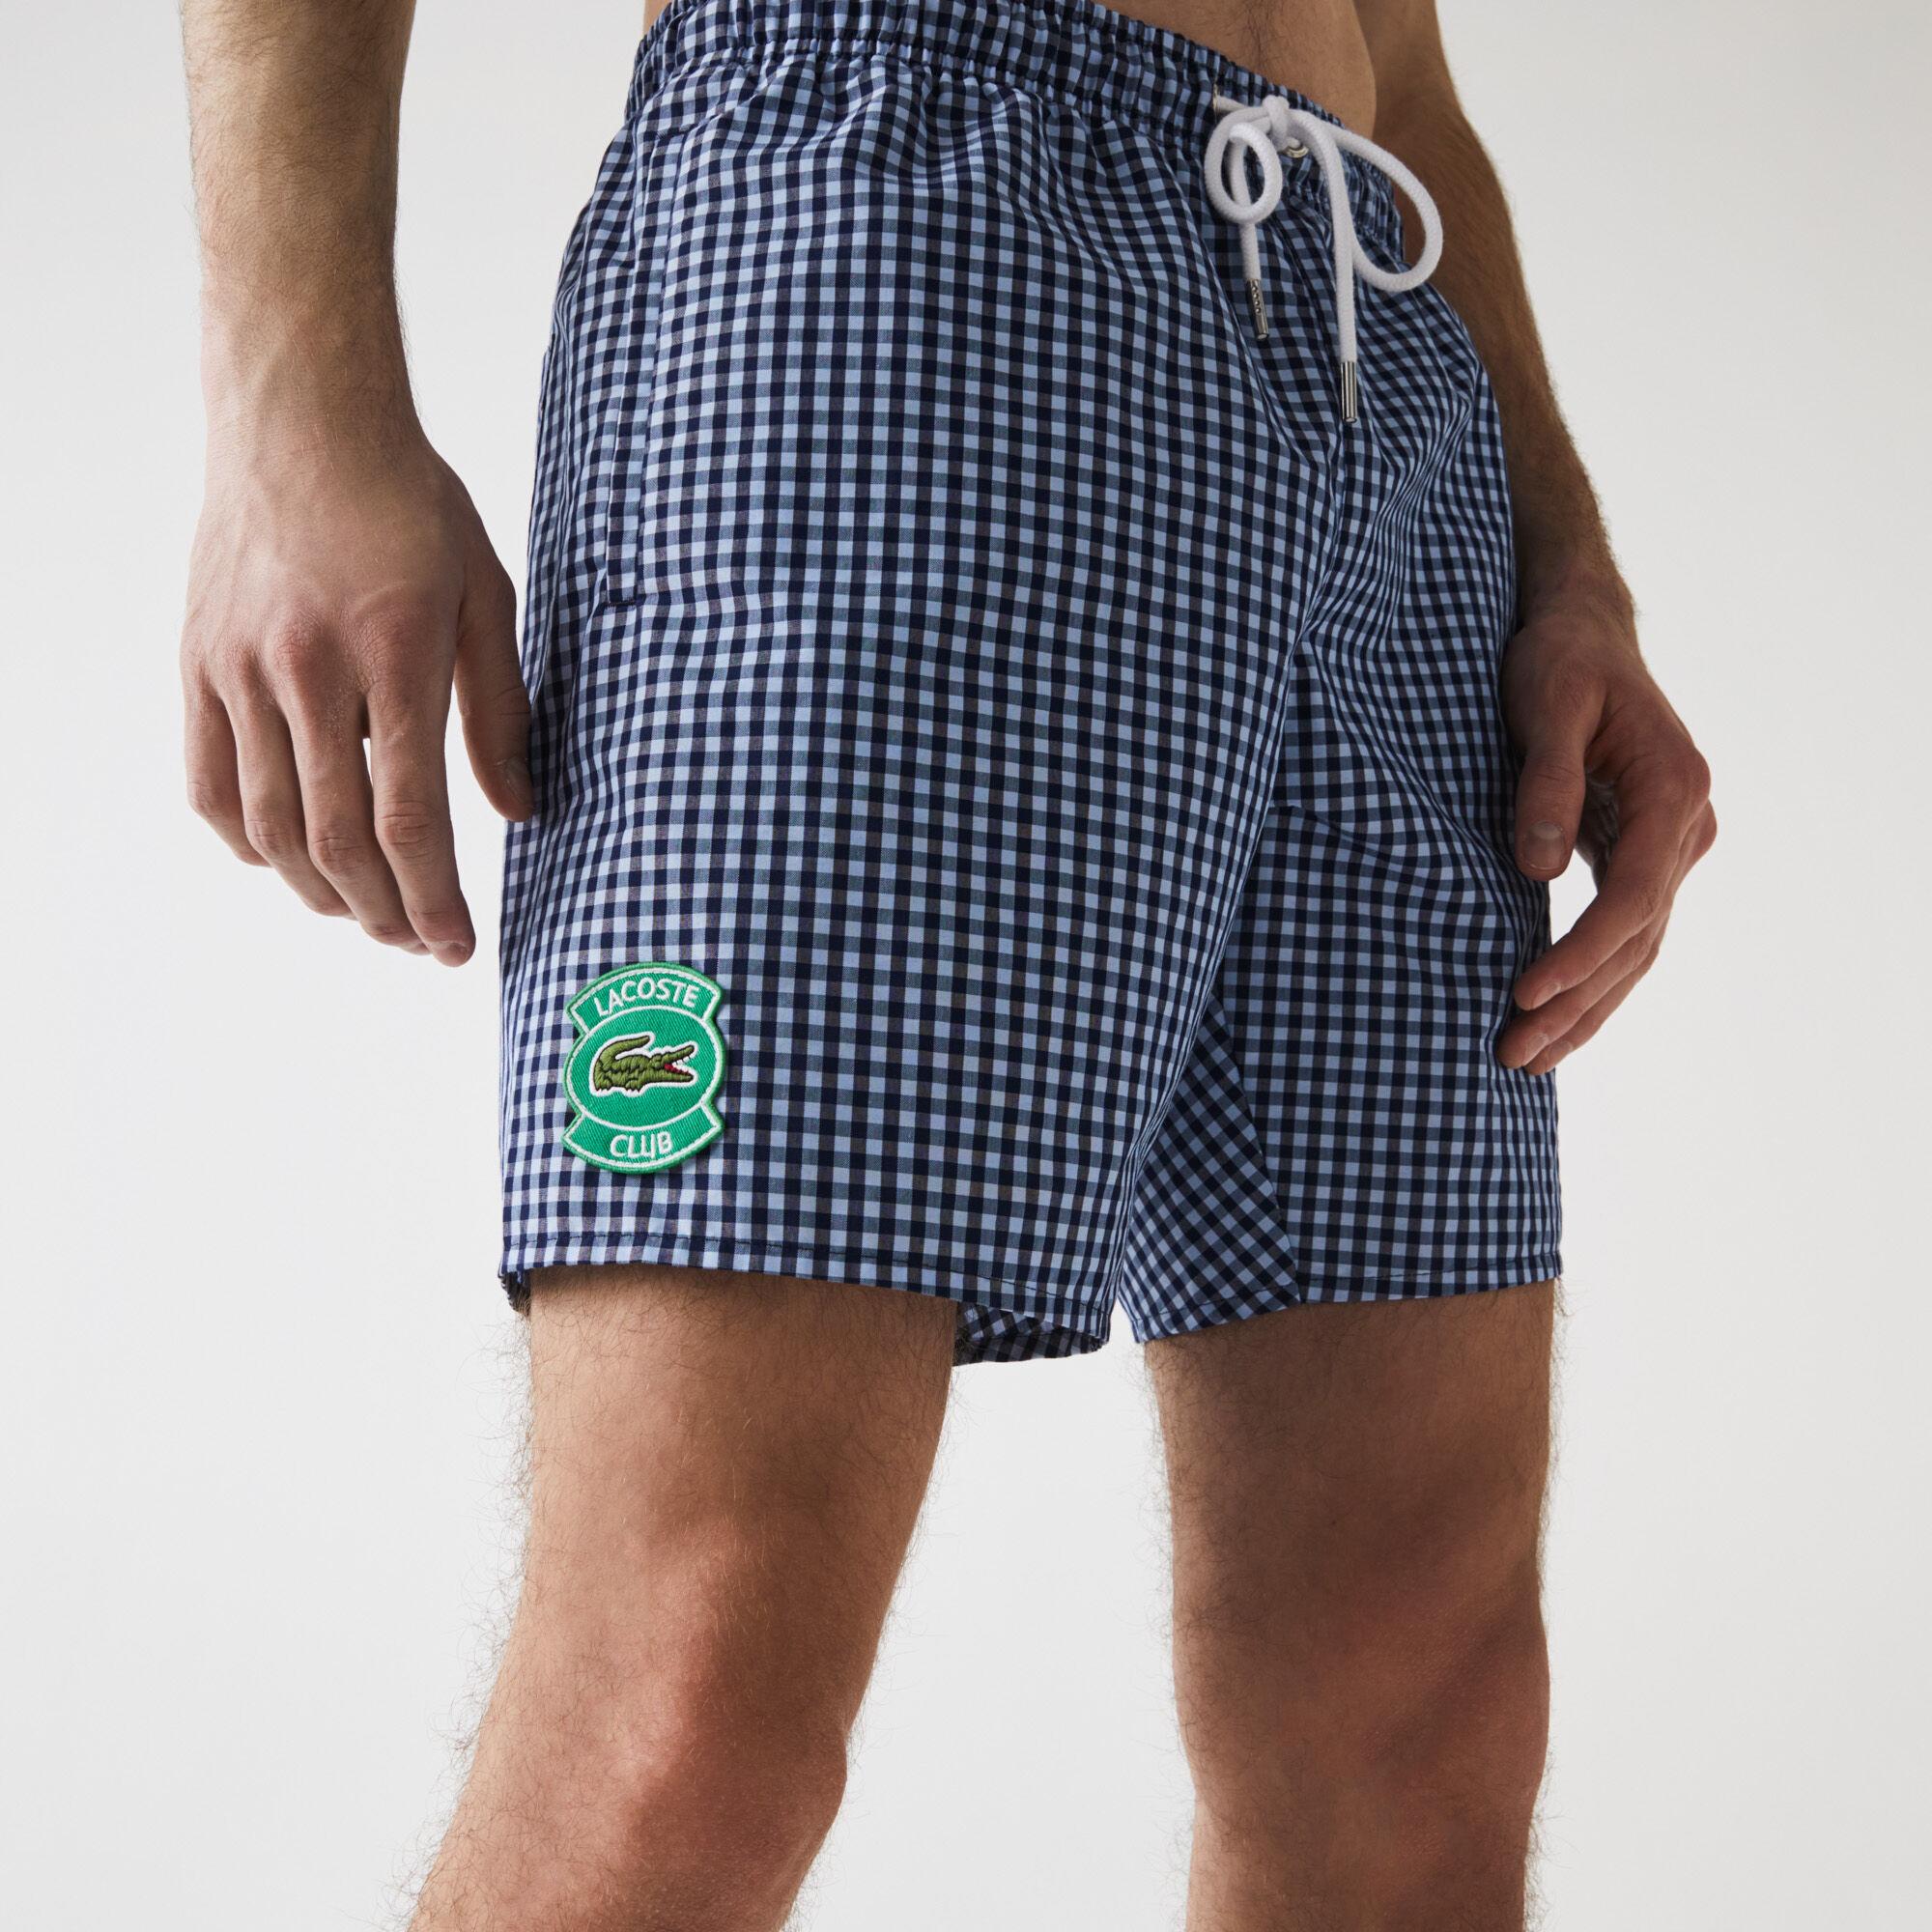 Men's Mid-Length Gingham Check Cotton Blend Swimming Trunks